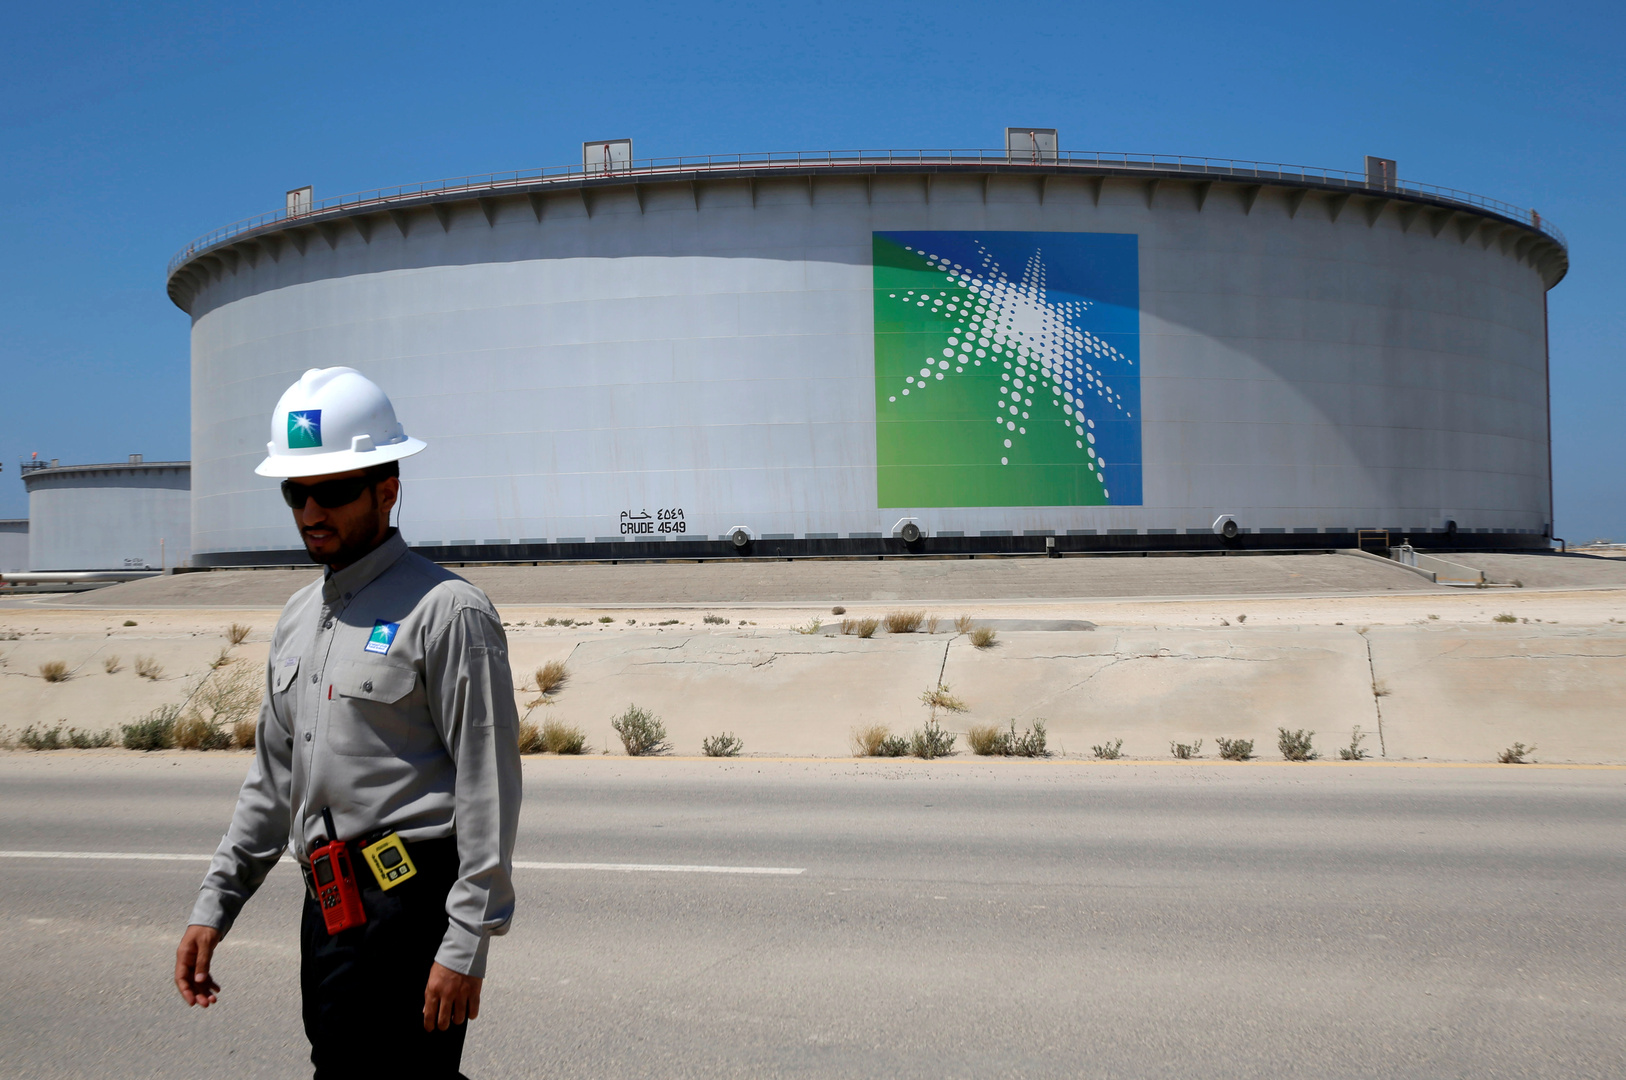 صحيفة: مصافي النفط في أوروبا وأمريكا ترفض شراء الخام السعودي